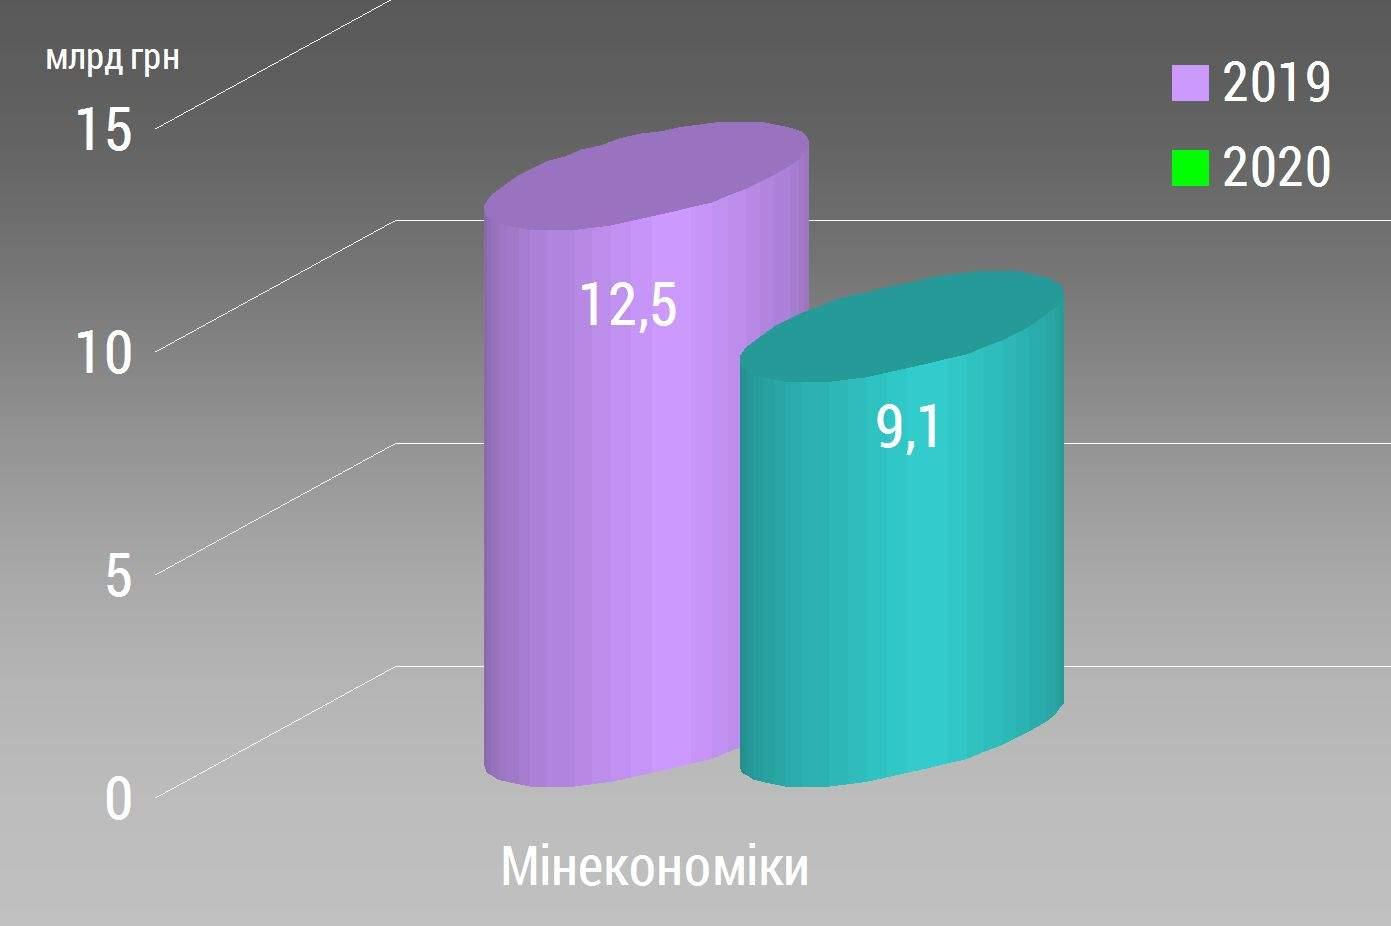 Порівняльний аналіз Державного бюджету-2020. Міністерство розвитку економіки, торгівлі та сільського господарства